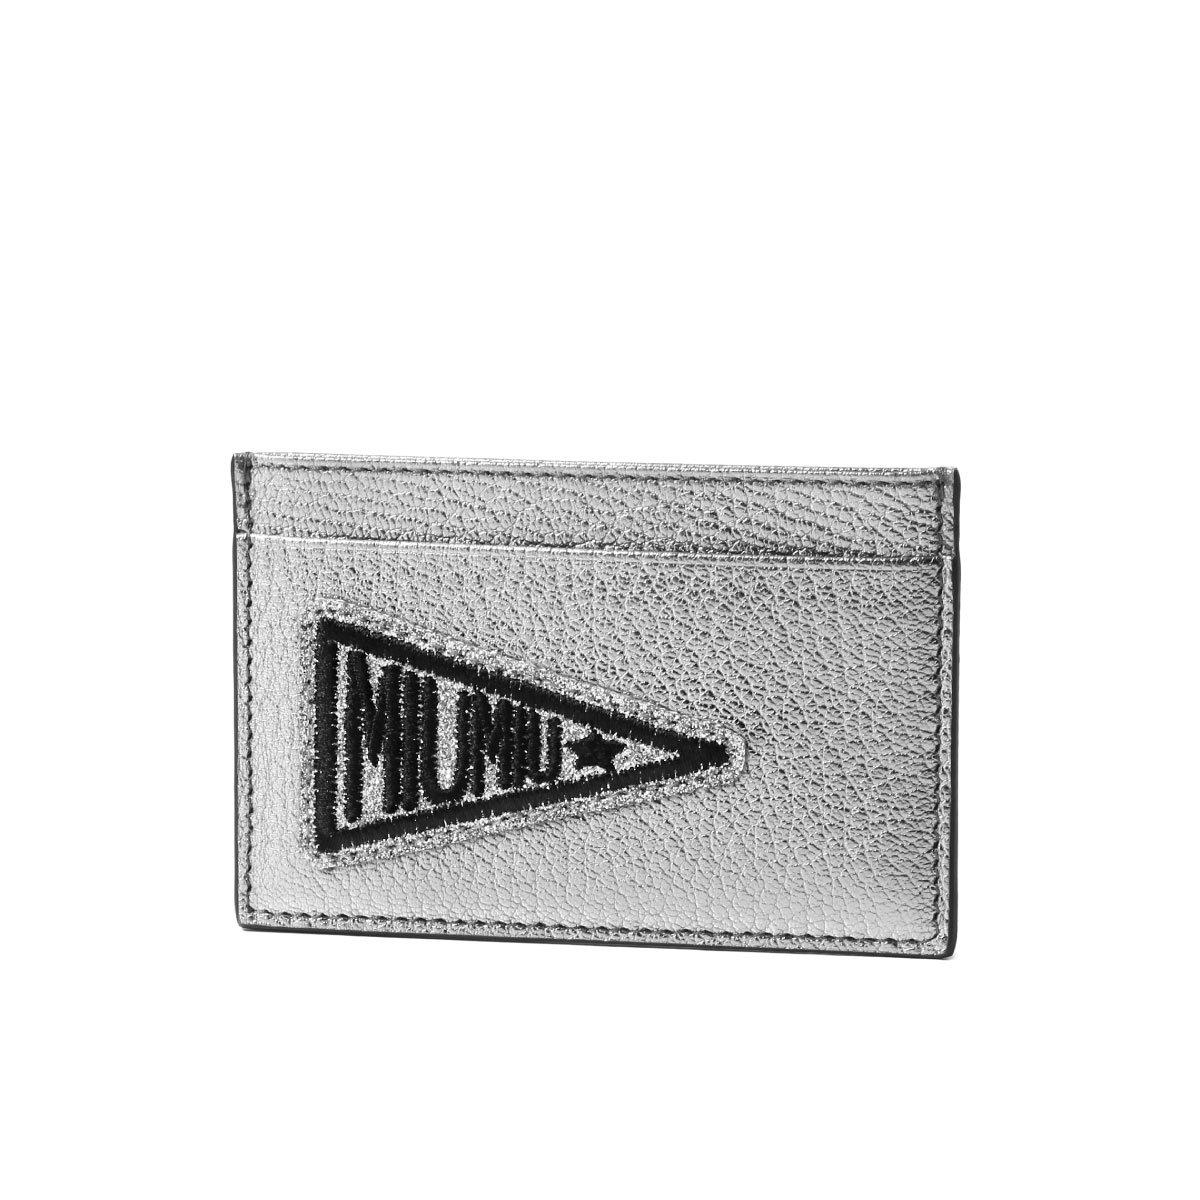 (ミュウ ミュウ) MIU MIU カードケース MADRAS GLITTER シルバー 5MC208 2BS6 F0135 [並行輸入品]   B07CJXSRCS